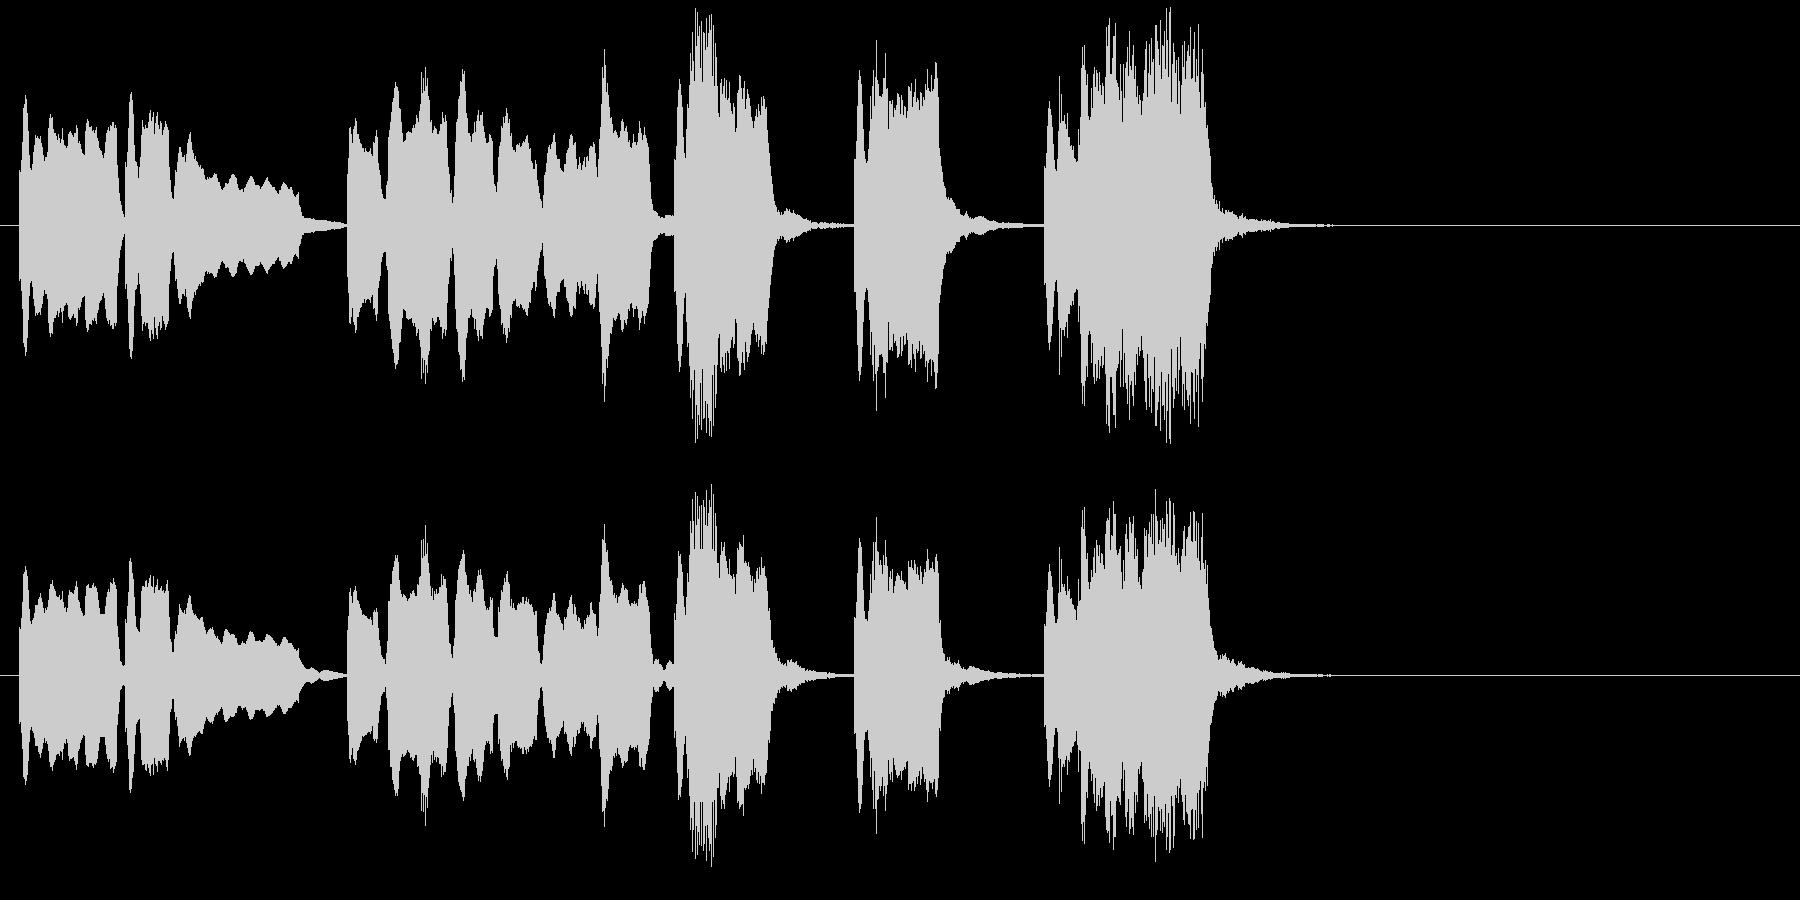 シンプルに切なく響くバイオリンジングルの未再生の波形